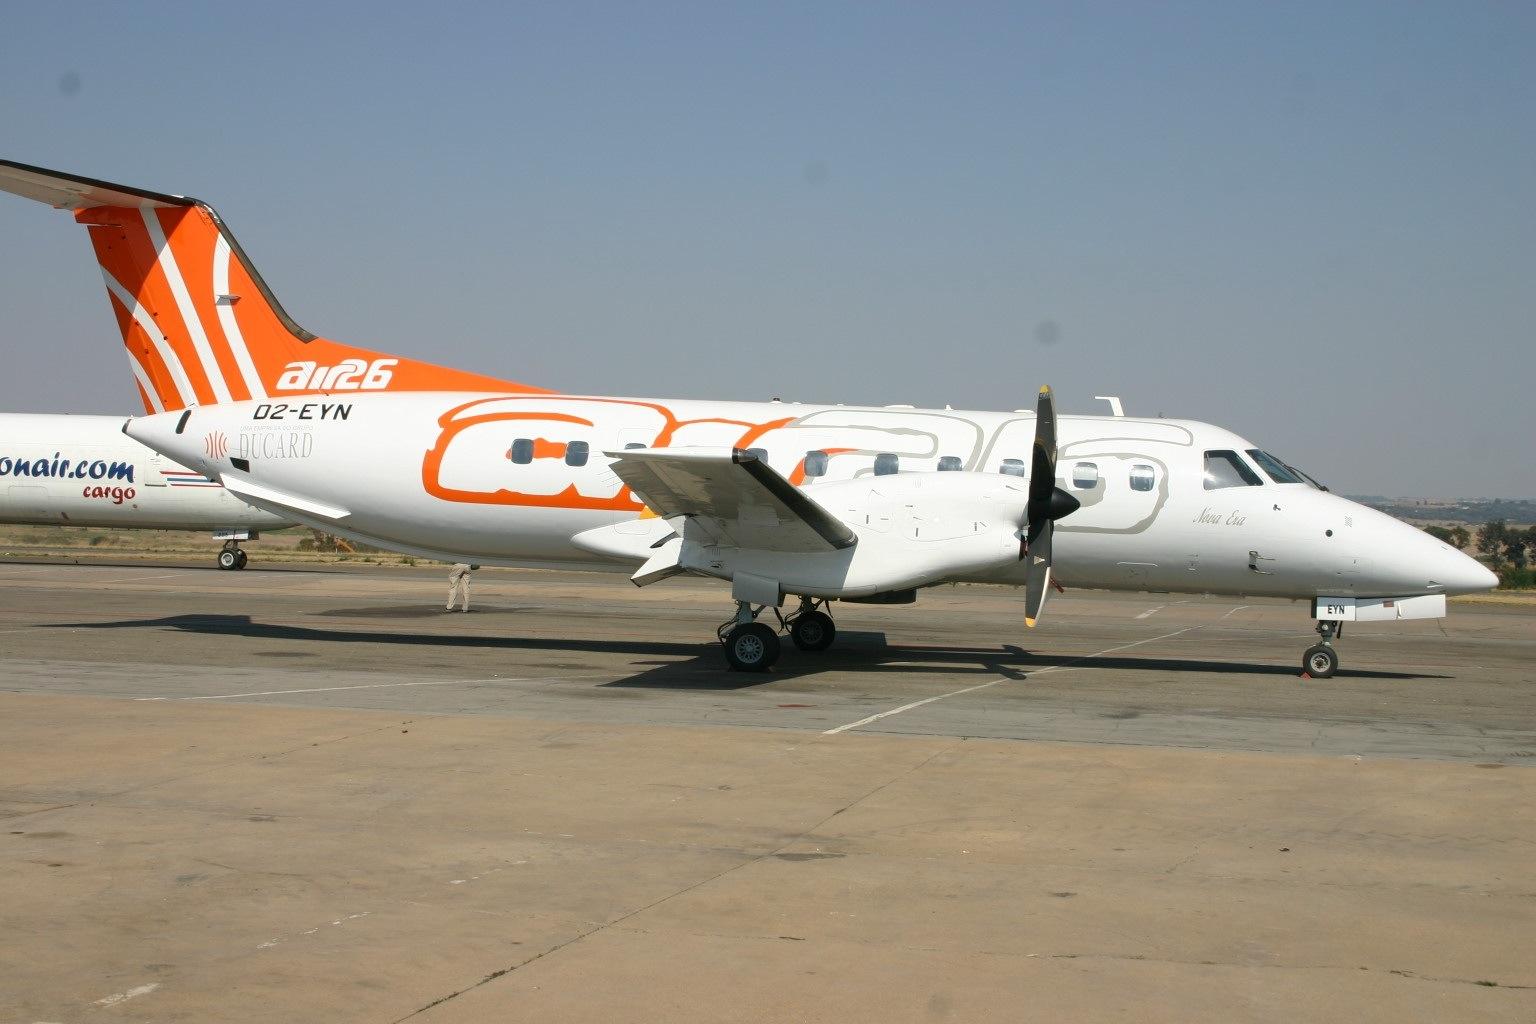 Air 26